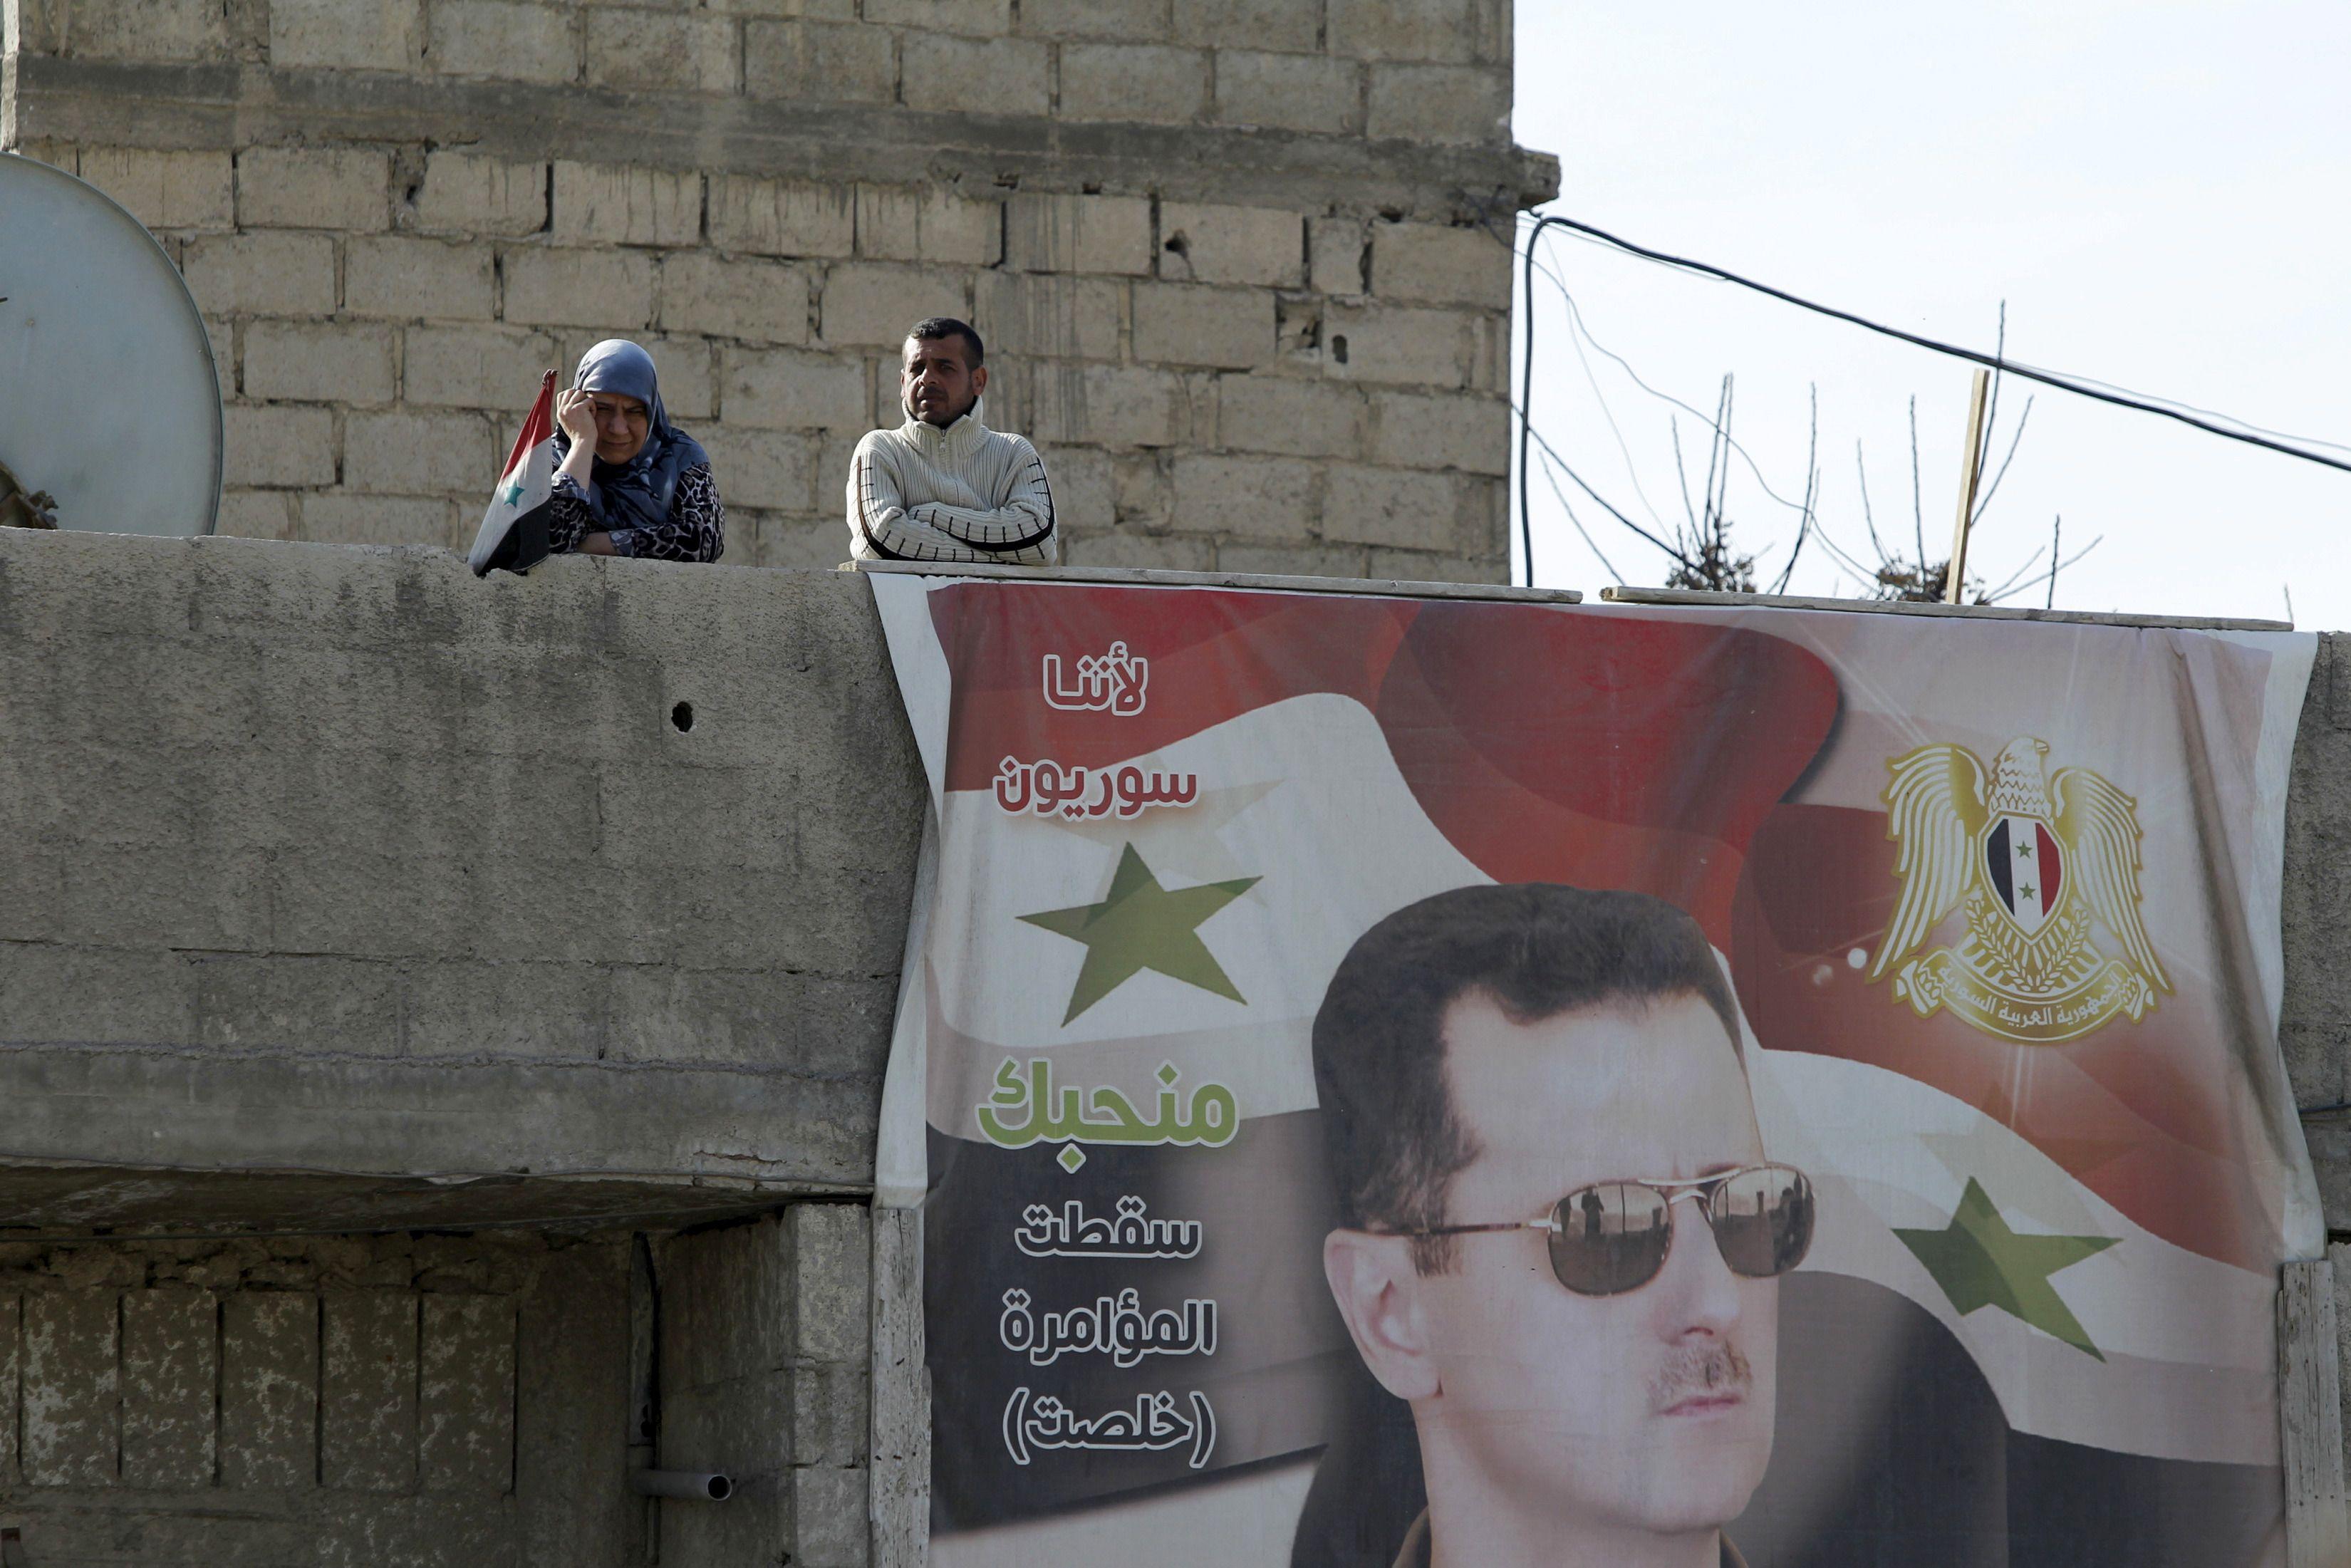 Comment Bachar-el Assad s'est remis en position de pouvoir réaffirmer ses ambitions sur le territoire syrien